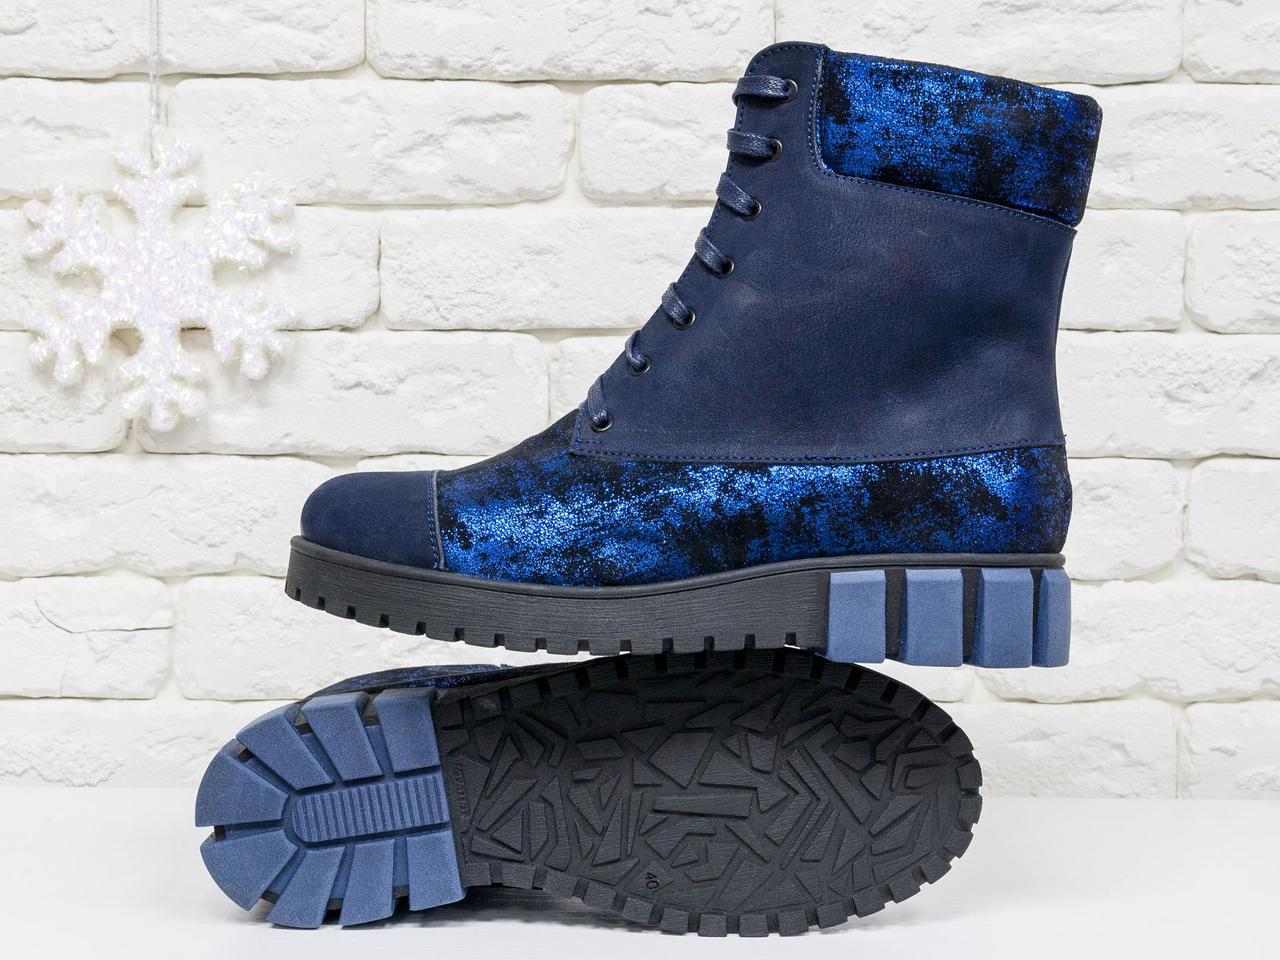 5dfdde8cc62d Женские Ботинки на шнуровке из натуральной матовой кожи синего цвета:  продажа, ...